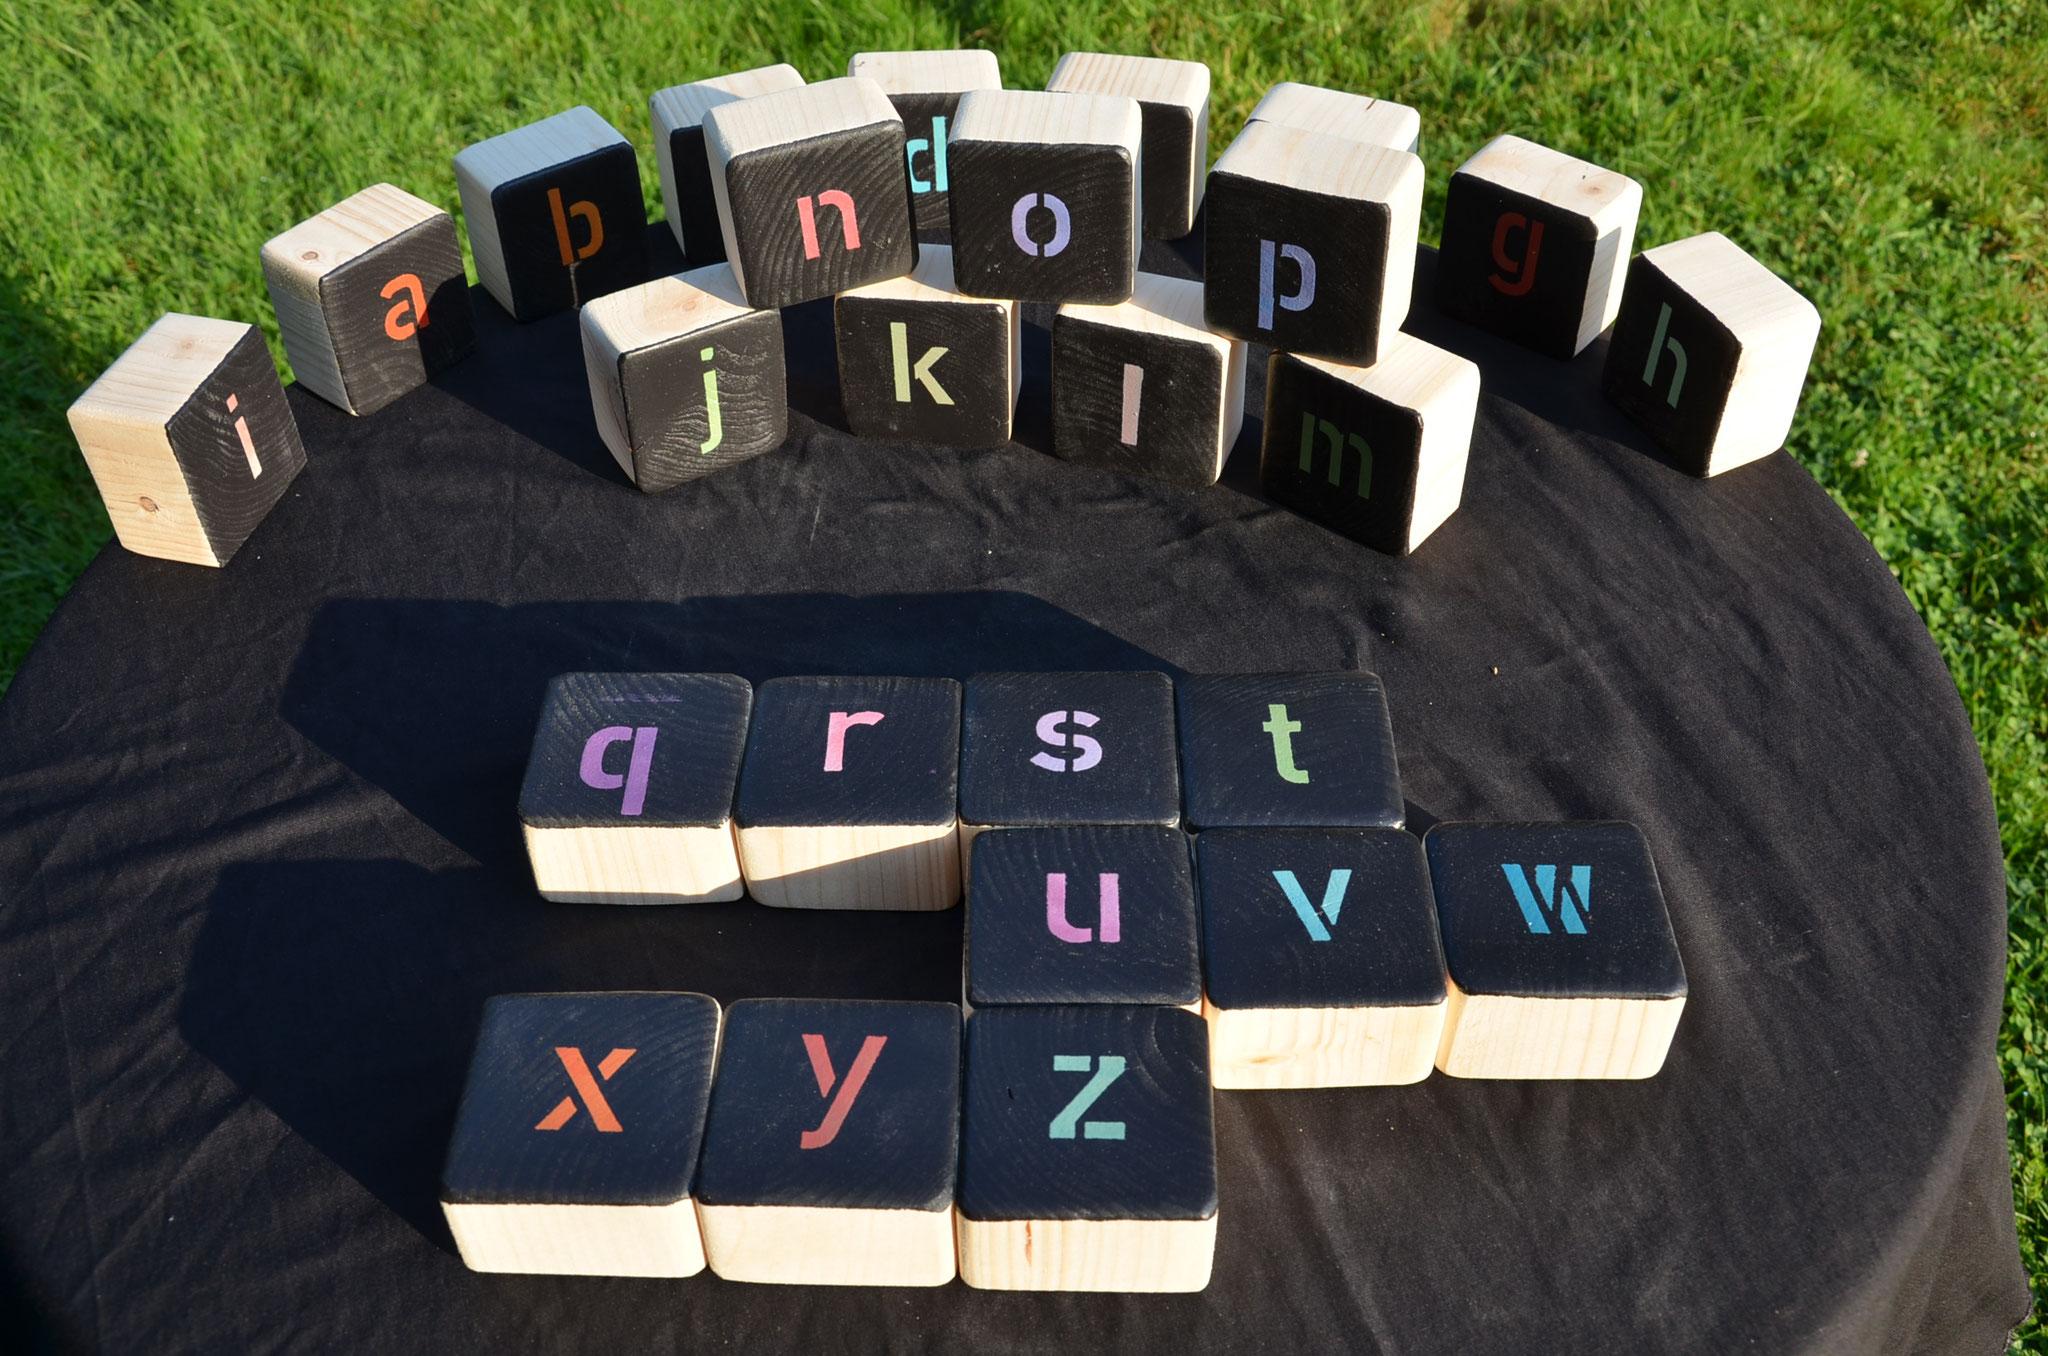 Meine Outdoorspiele: Mein ABC kleinbuchstaben